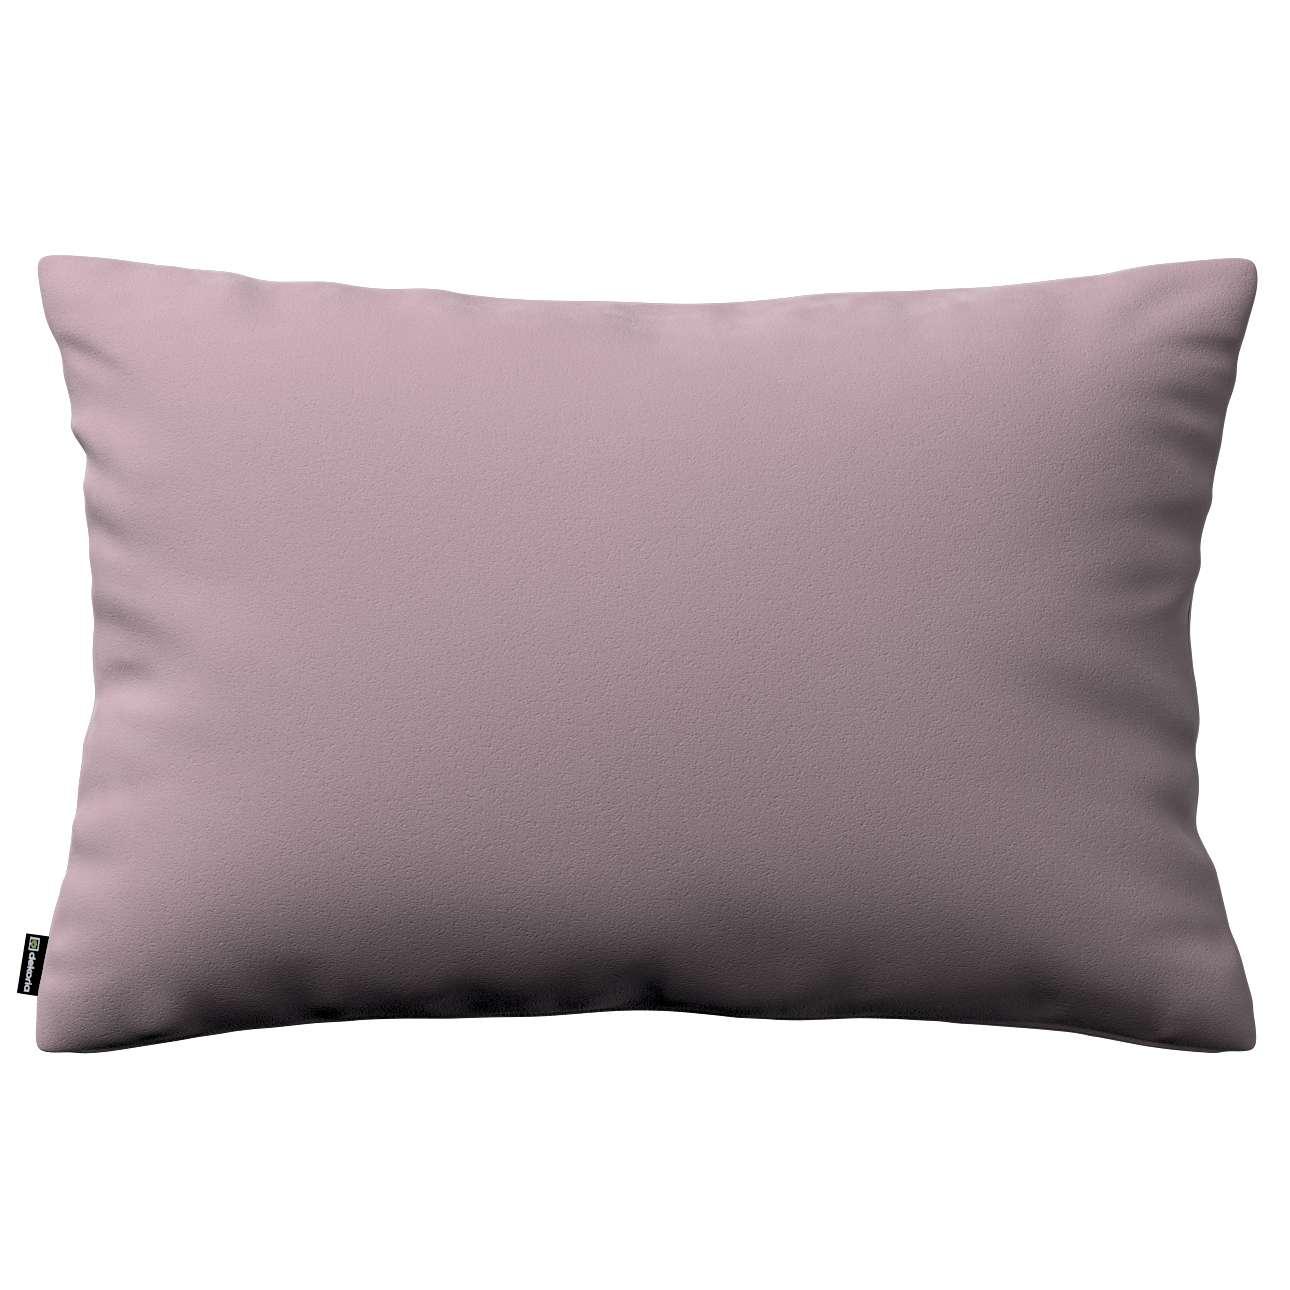 Poszewka Kinga na poduszkę prostokątną w kolekcji Velvet, tkanina: 704-14